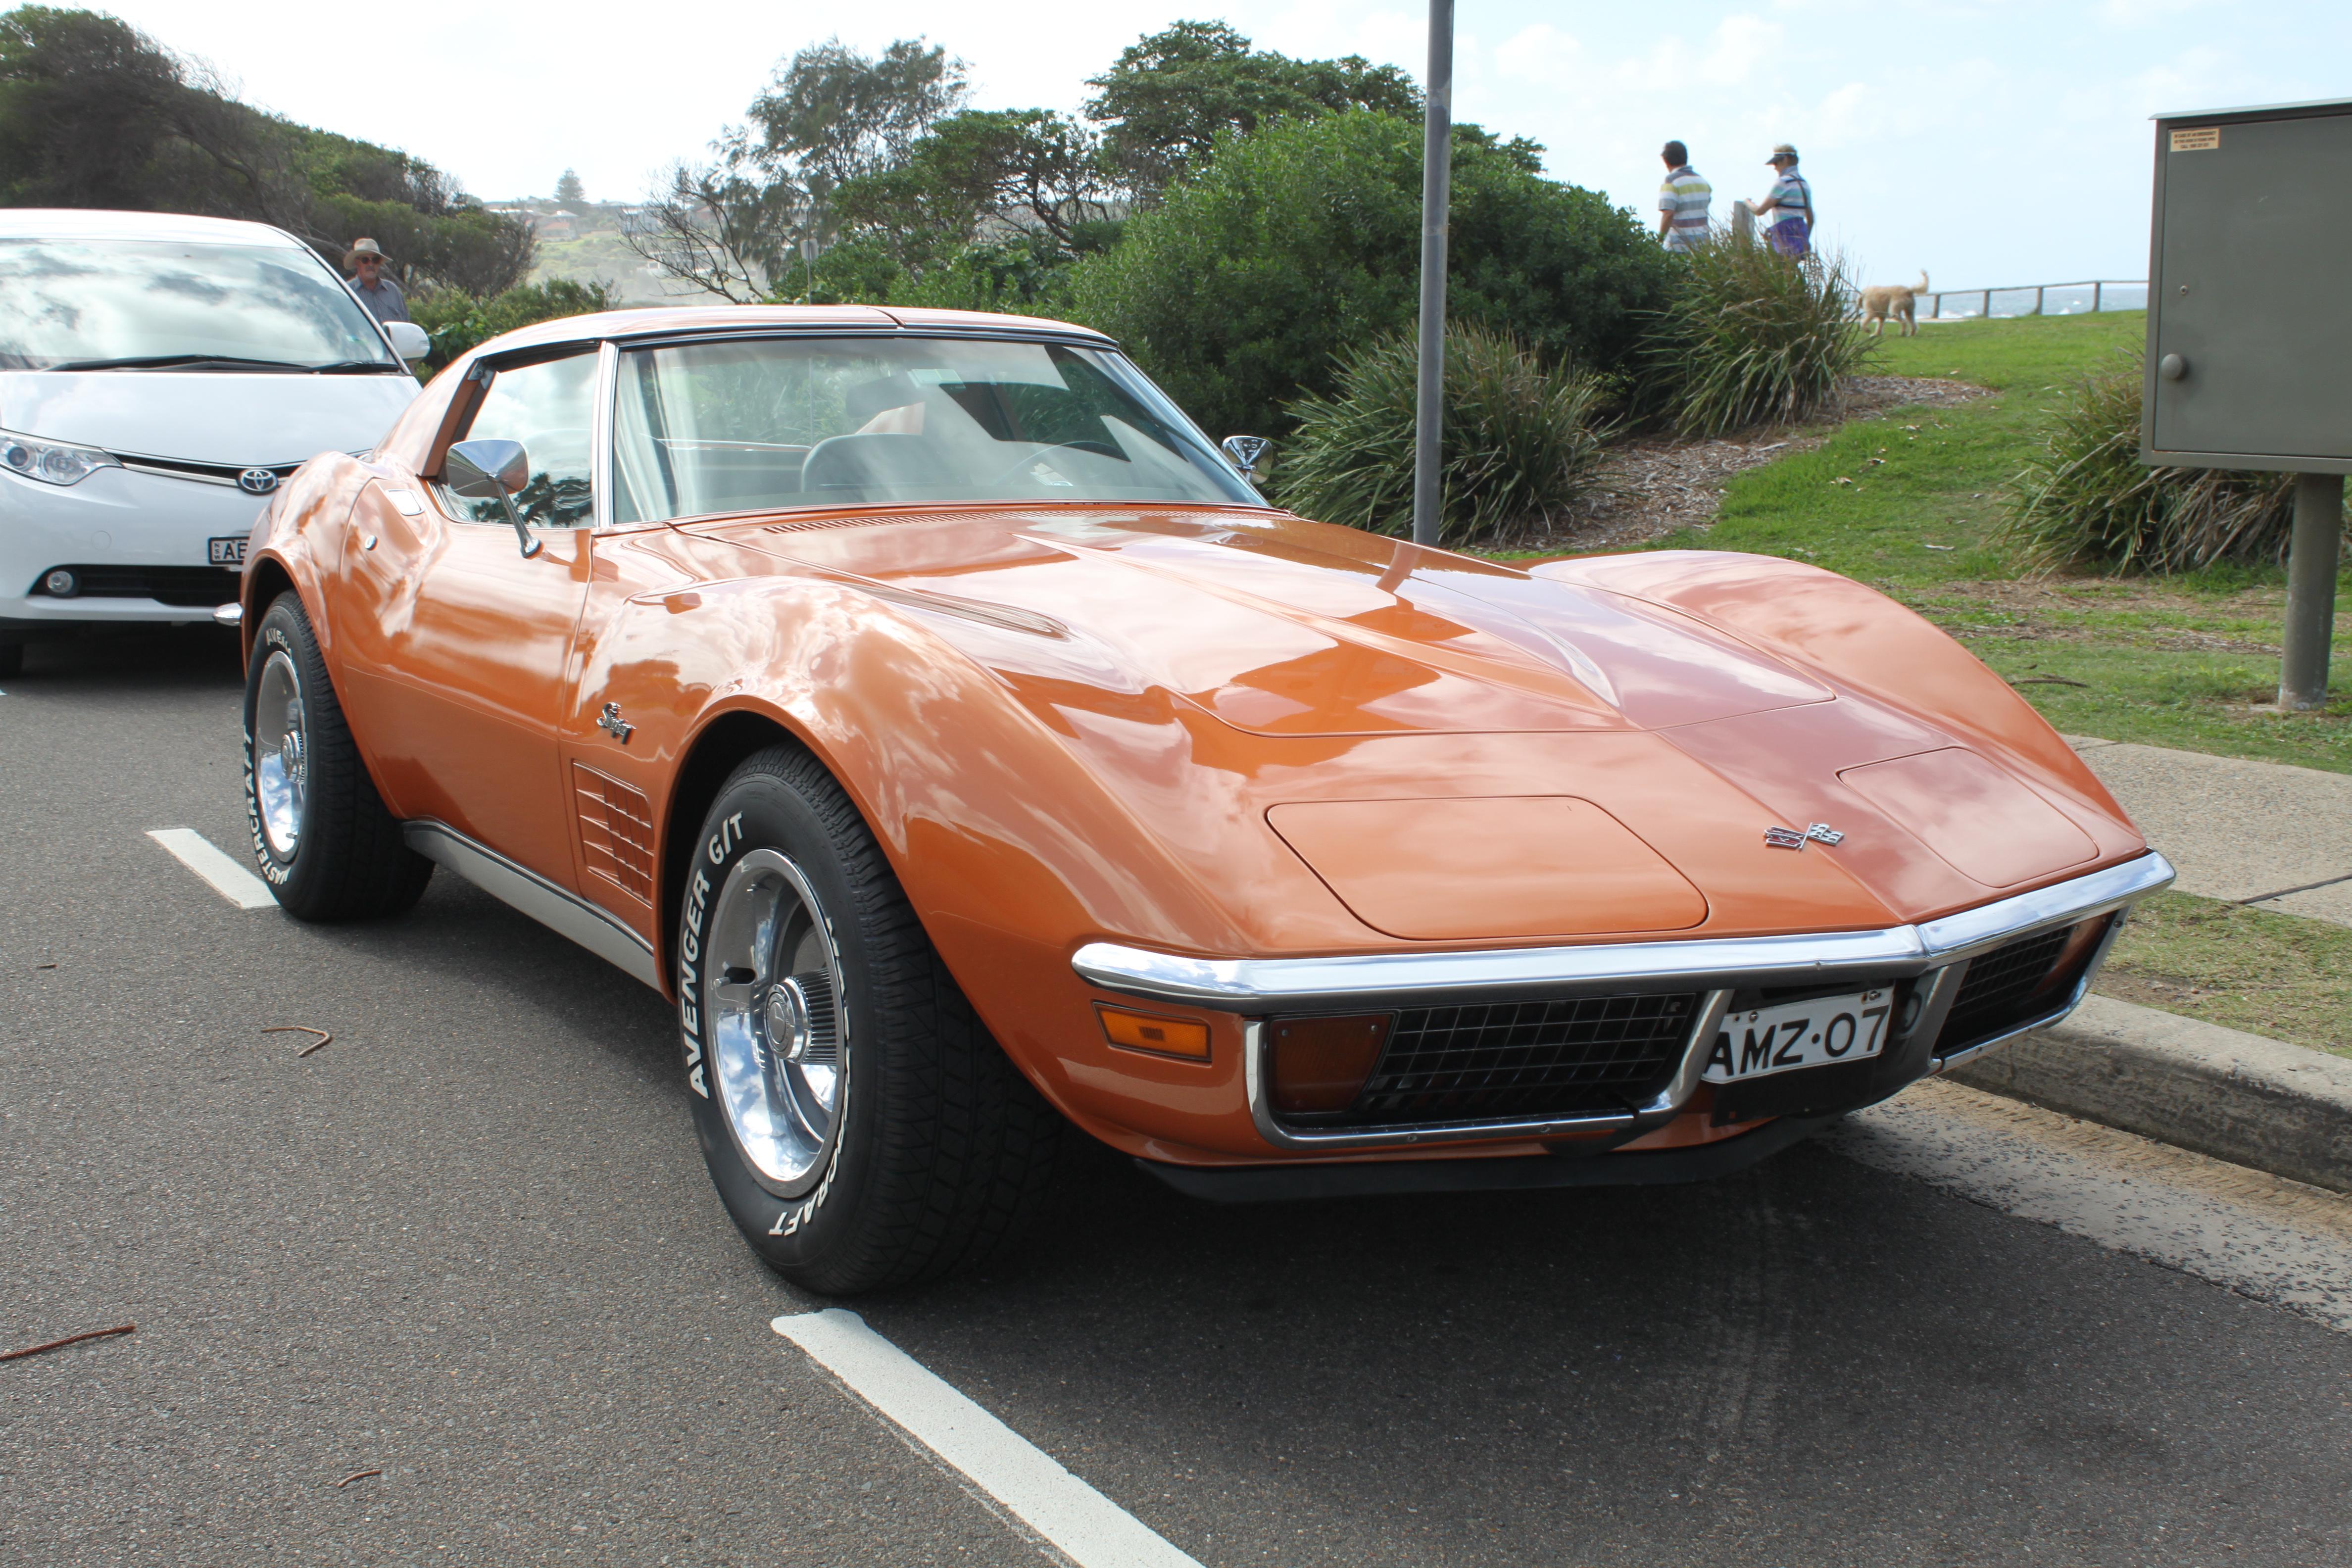 Chevrolet Corvette Stingray >> File:1972 Chevrolet Corvette C3 Stingray (26105484413).jpg - Wikimedia Commons